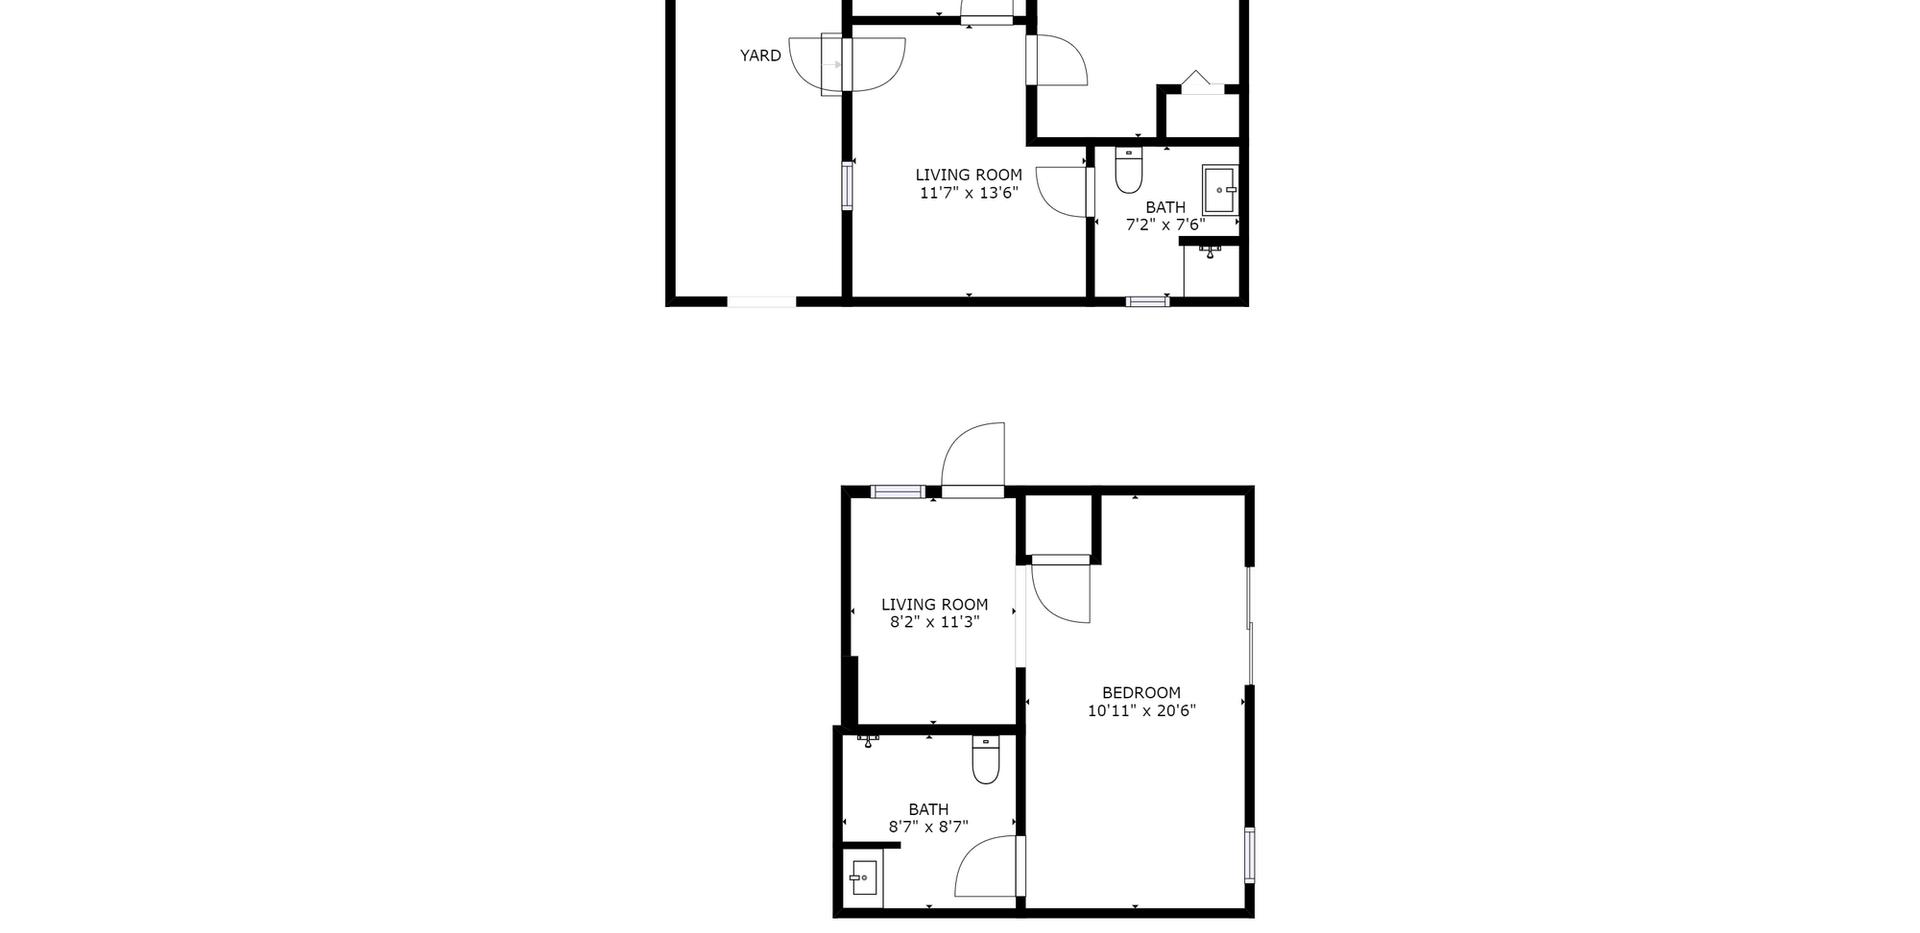 Ground level rooms